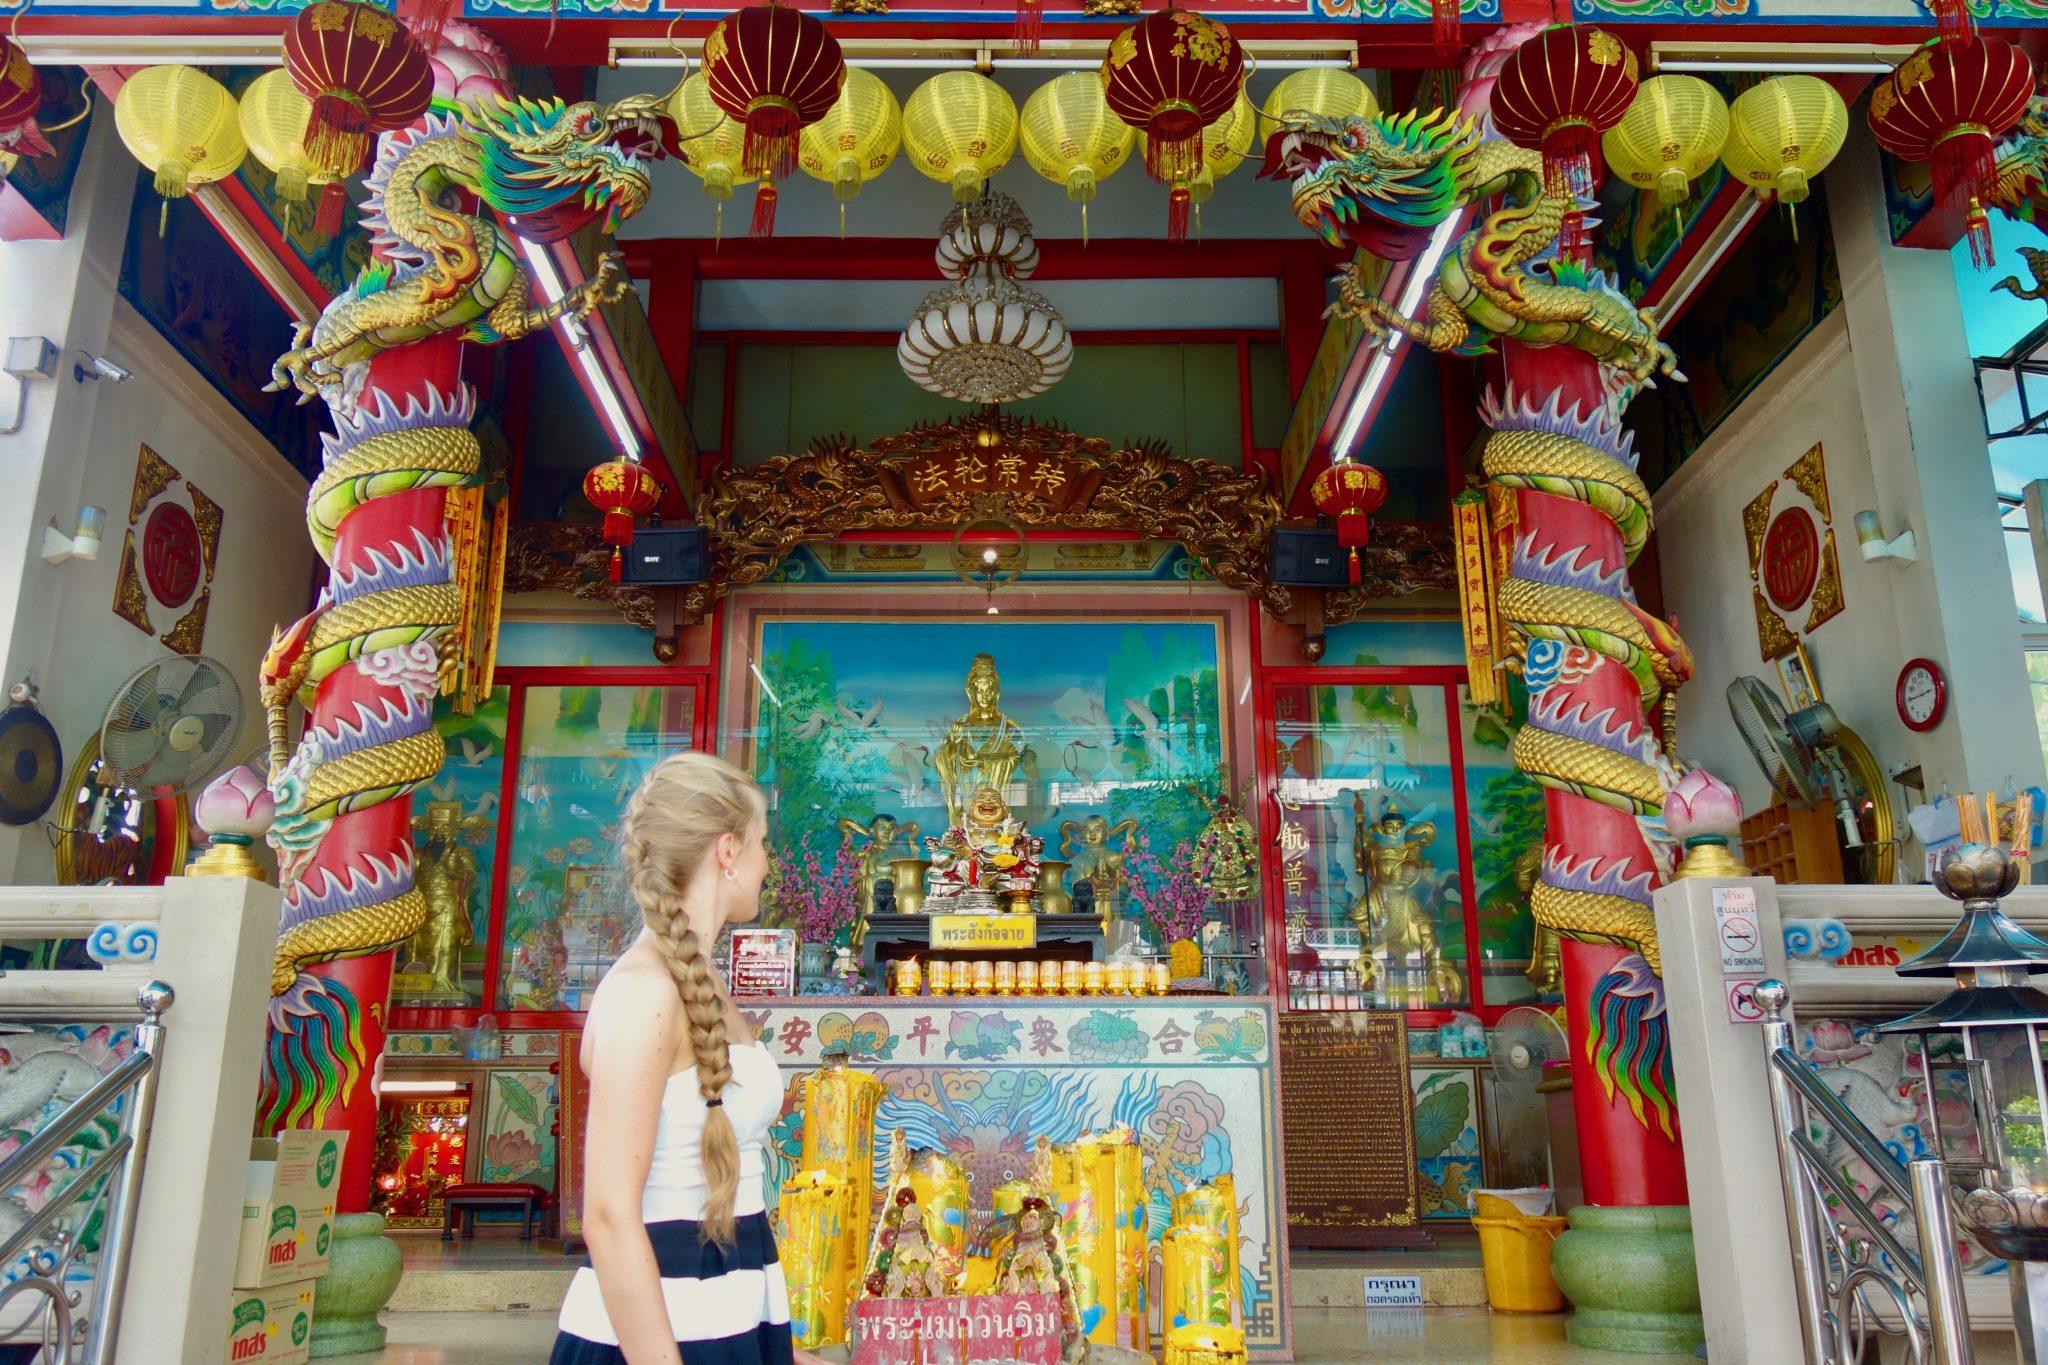 Thailand, Bangkok, Chinatown: Ein weiterer Tempel mitten an der befahrenden Straße